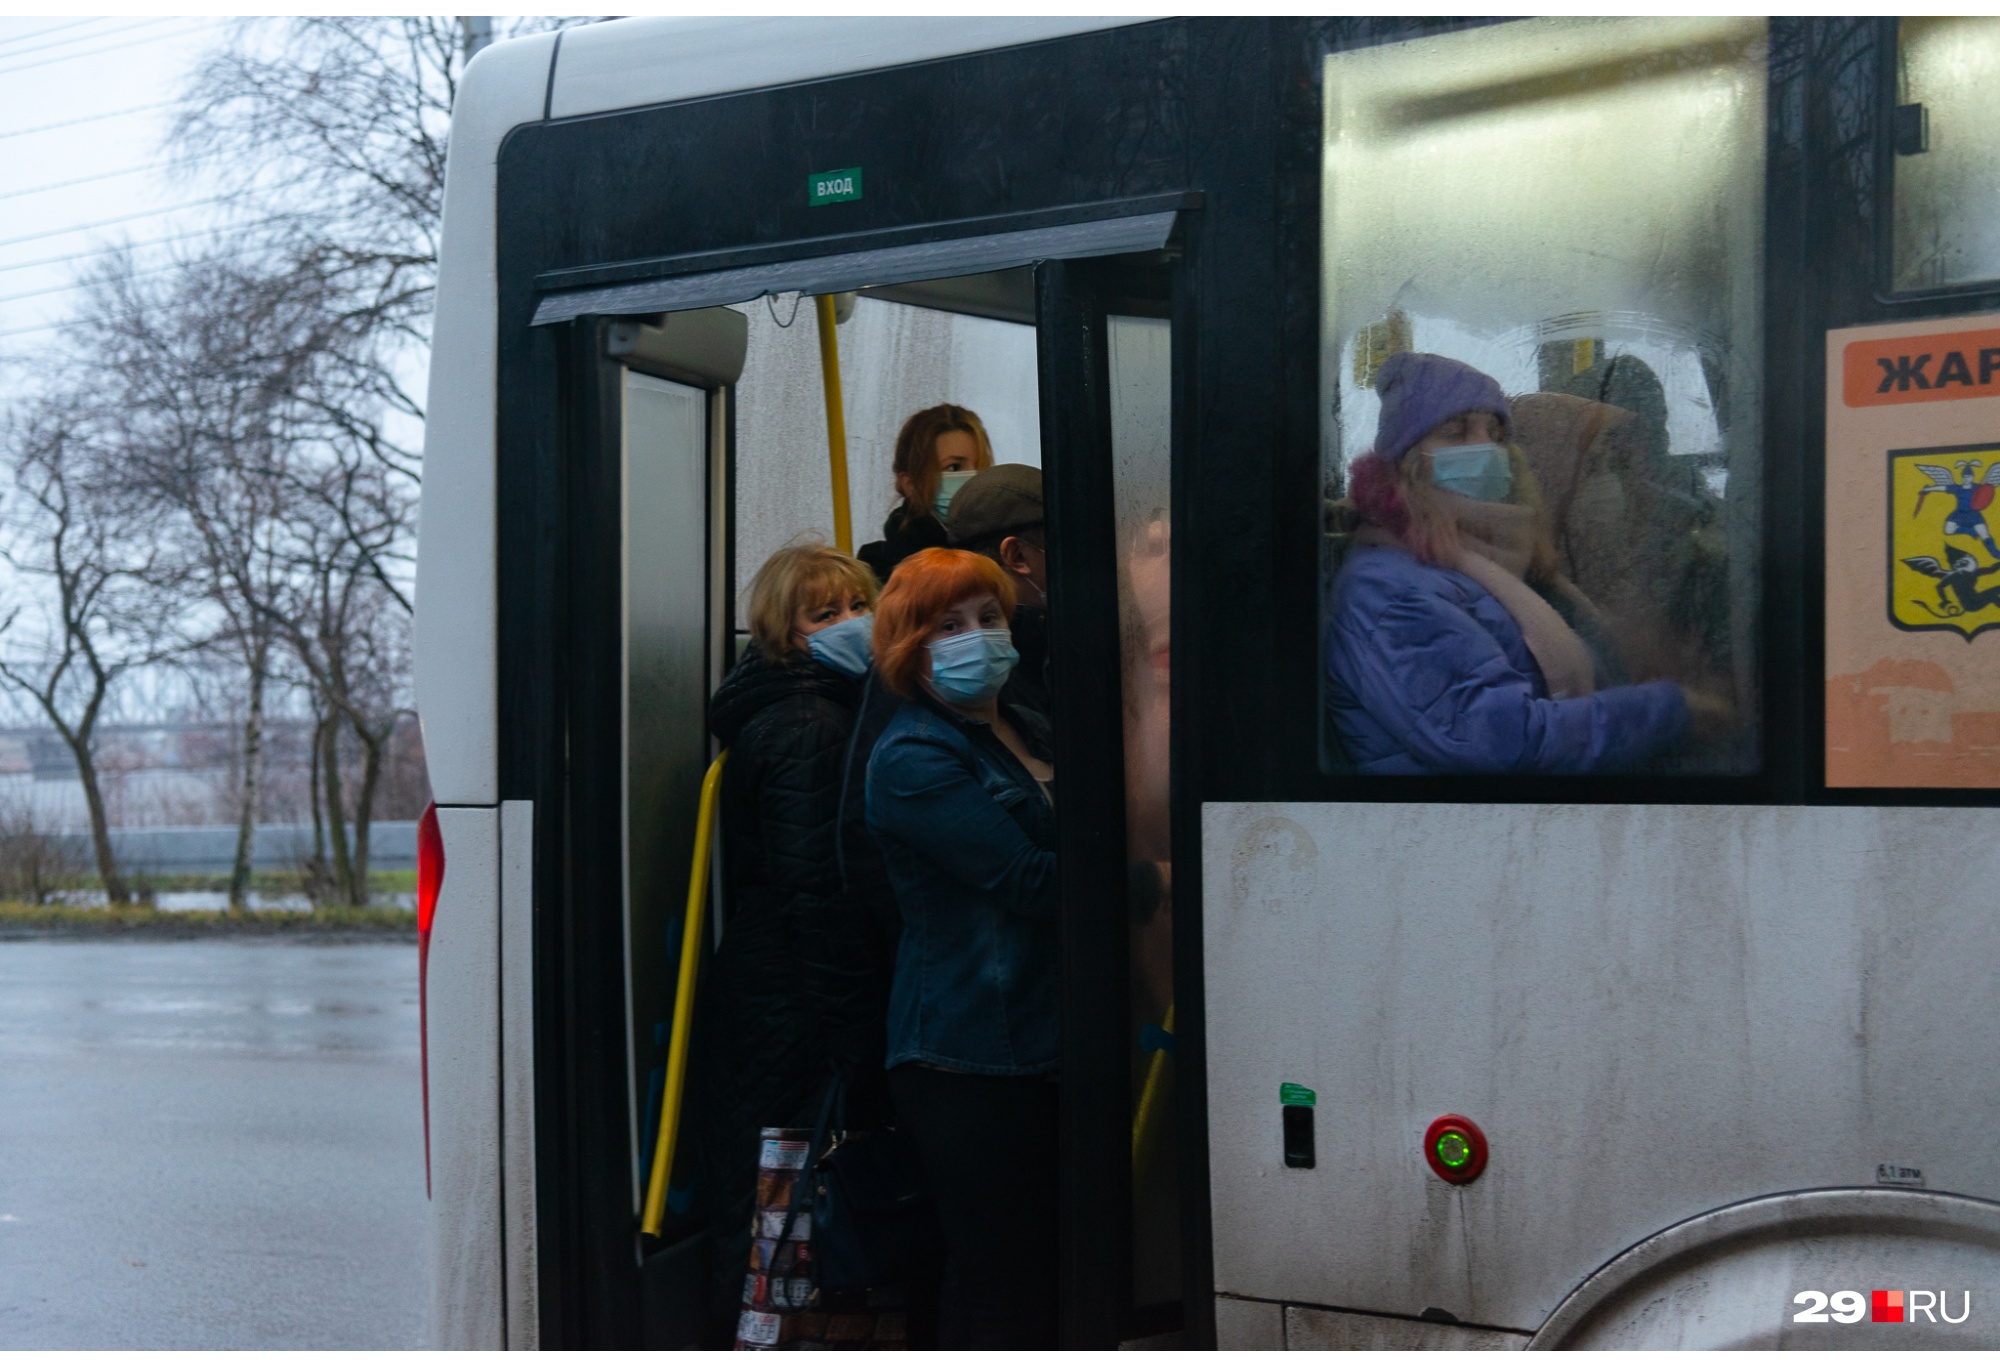 На некоторых маршрутах явно не мешало бы выпустить на линию больше автобусов и поменять интервал движения